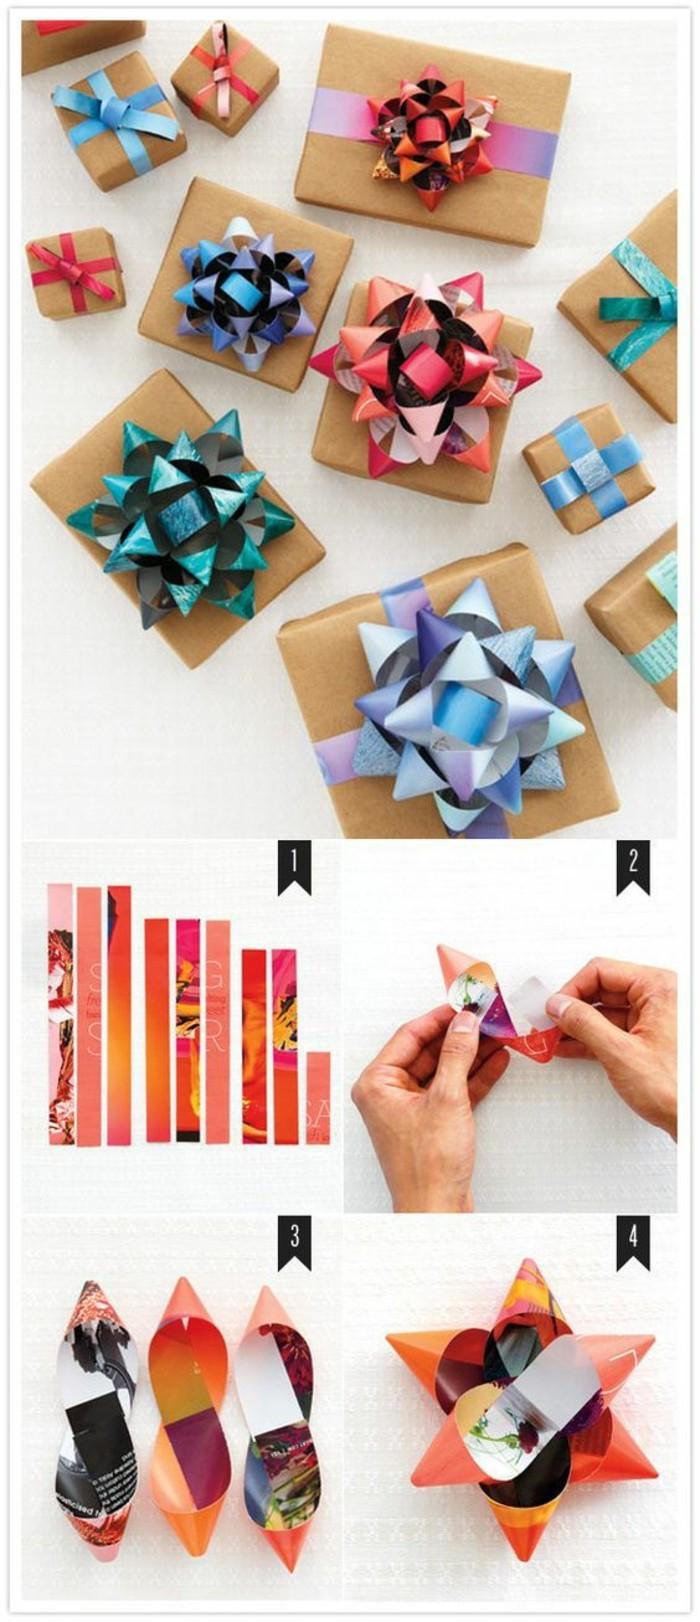 comment emballer un cadeau d'anniversaire, idée cadeau anniversaire maman, tutoriel pour faire des papillons cadeau